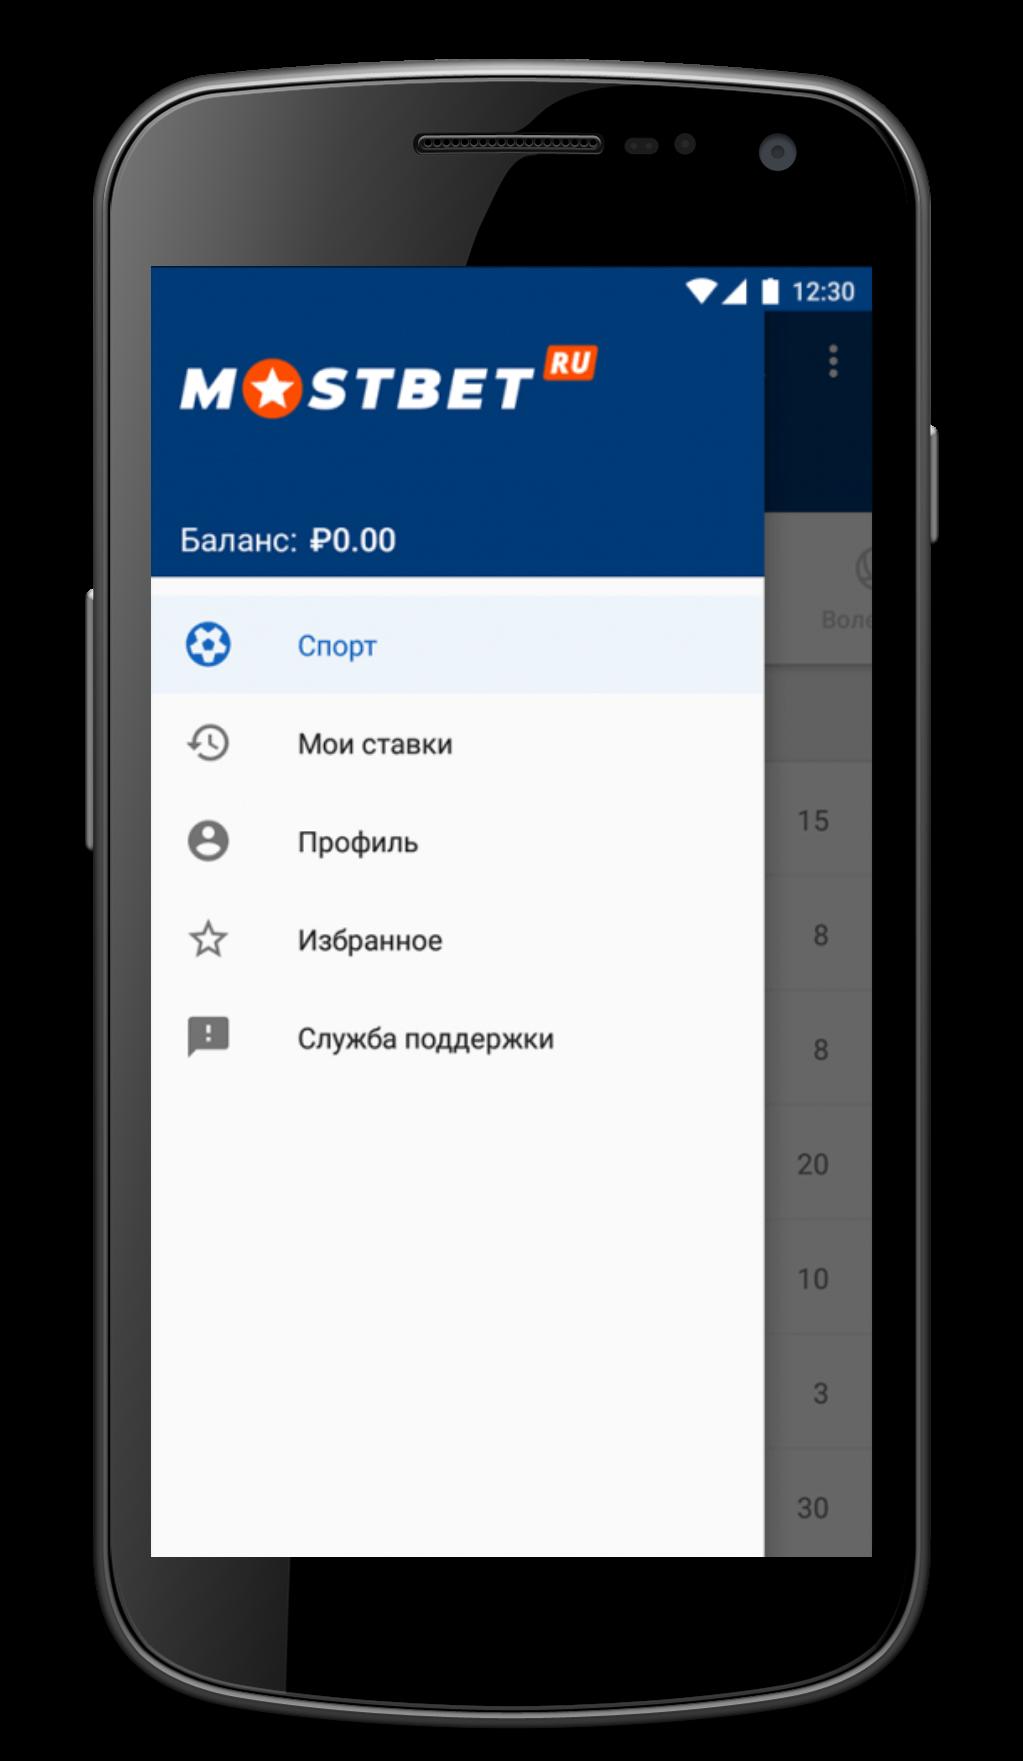 Интерфейс программы мостбет ру на телефон